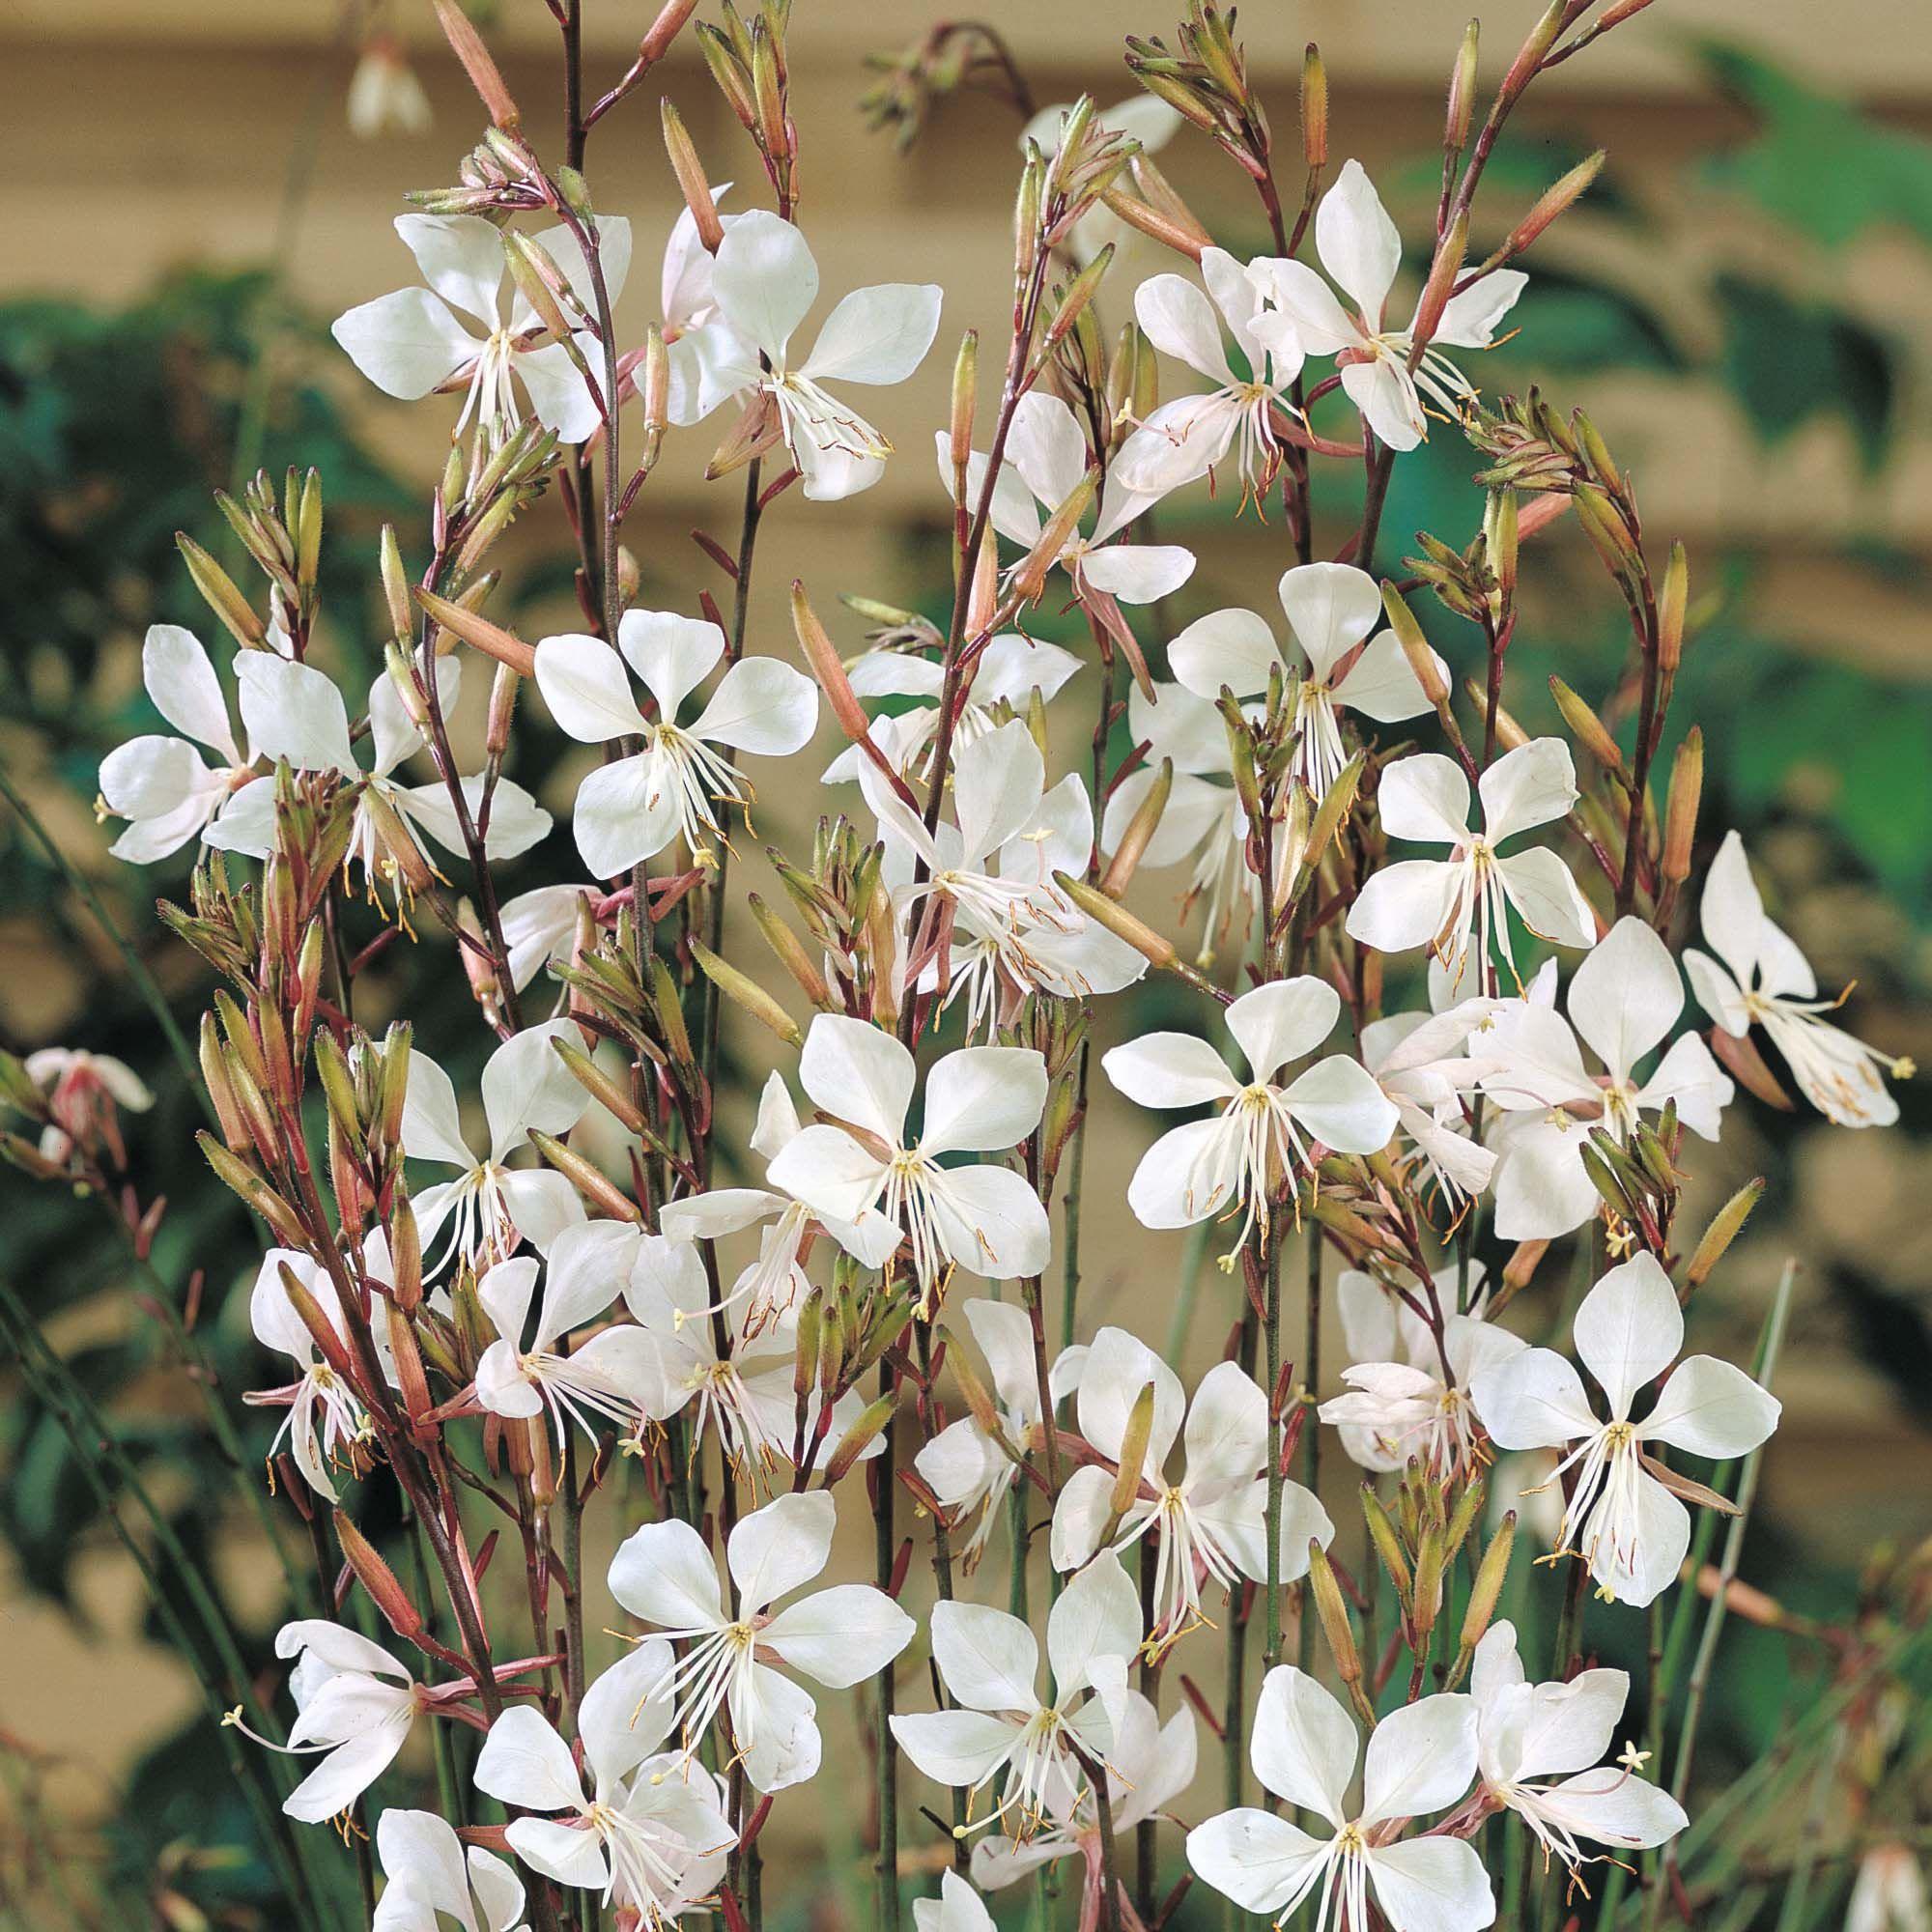 White gaura Gaura lindheimeri